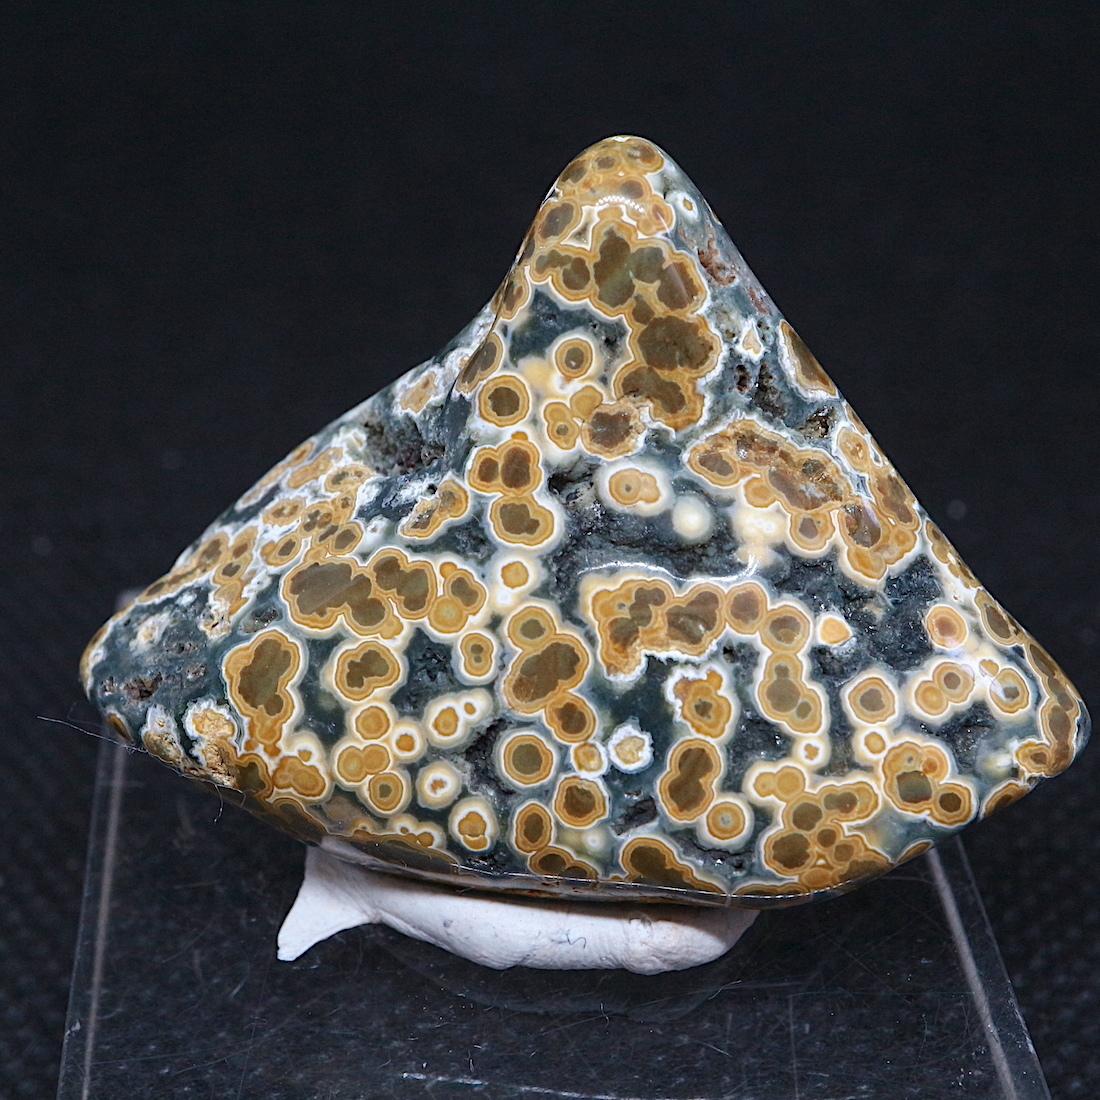 オーシャンジャスパー マダガスカル産 20,8g OJ091 鉱物 天然石 原石 パワーストーン